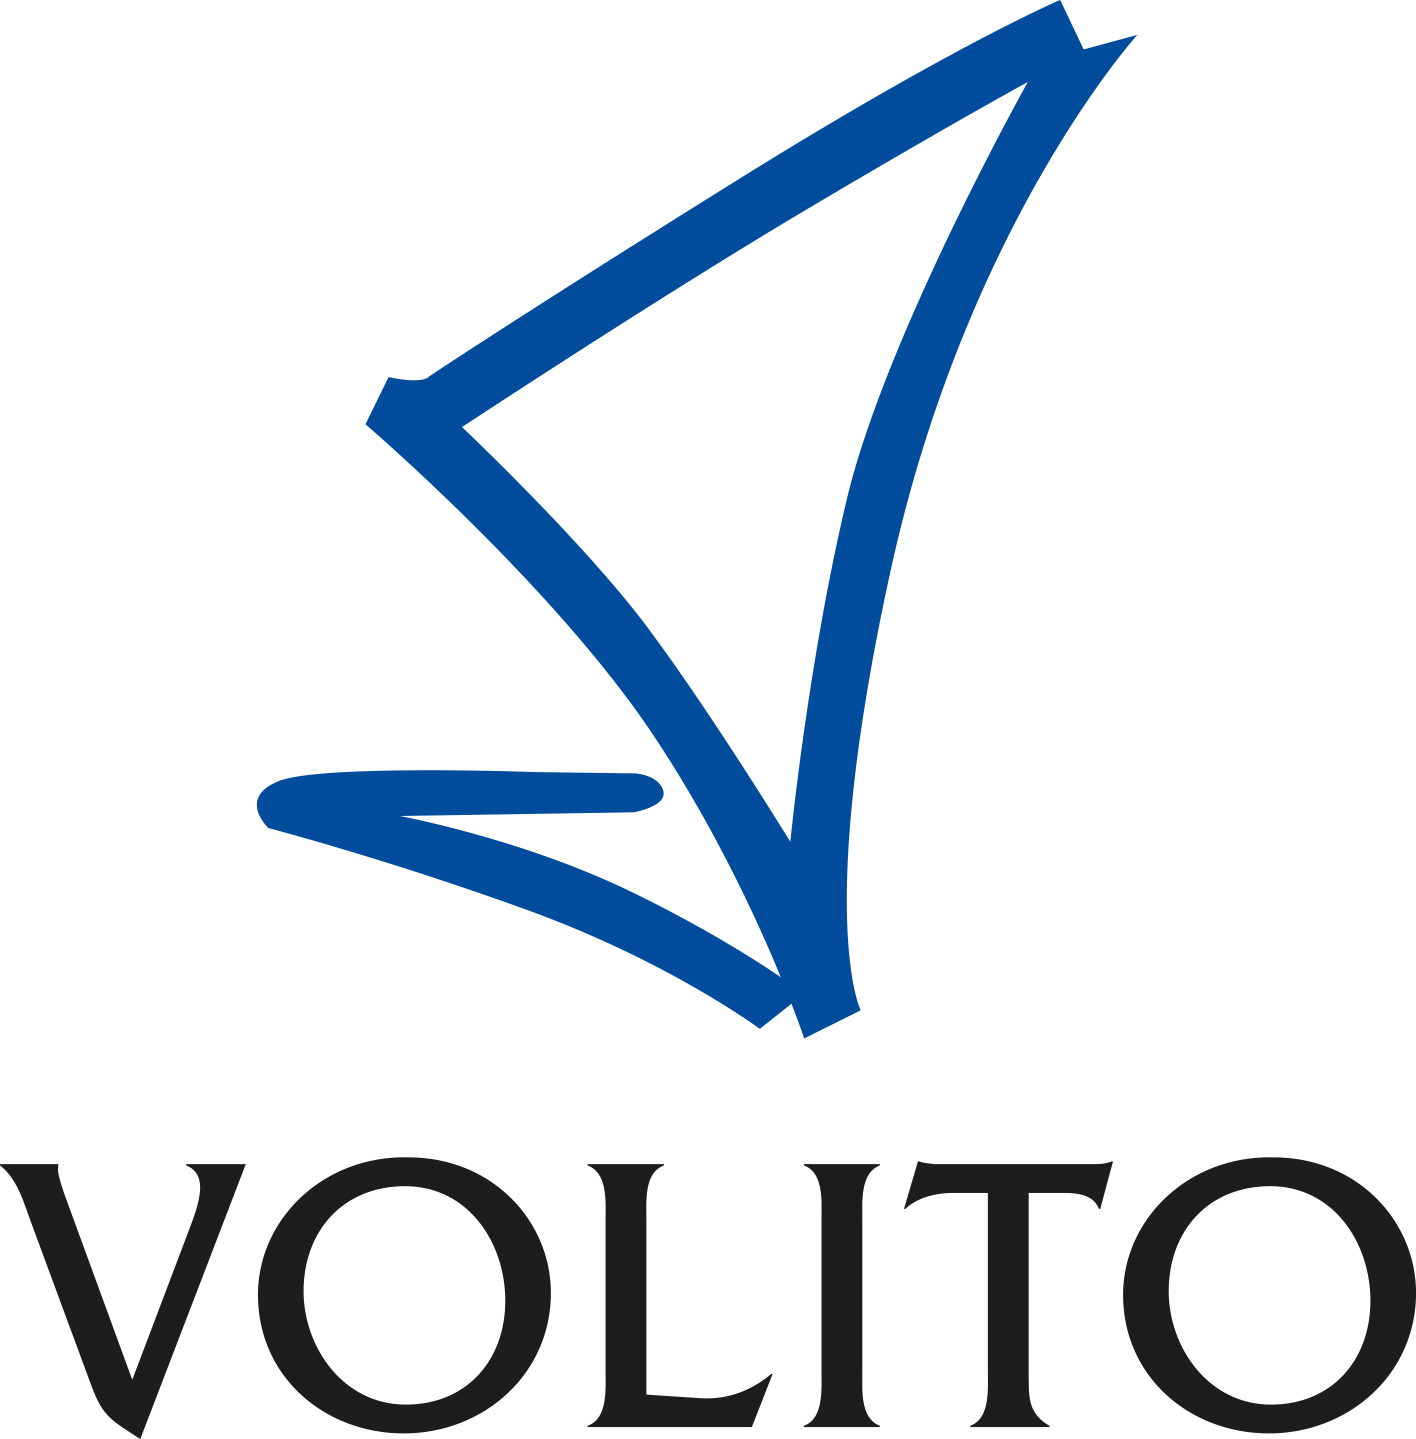 """Brightby """"Redovisningsekonom till Volito"""""""